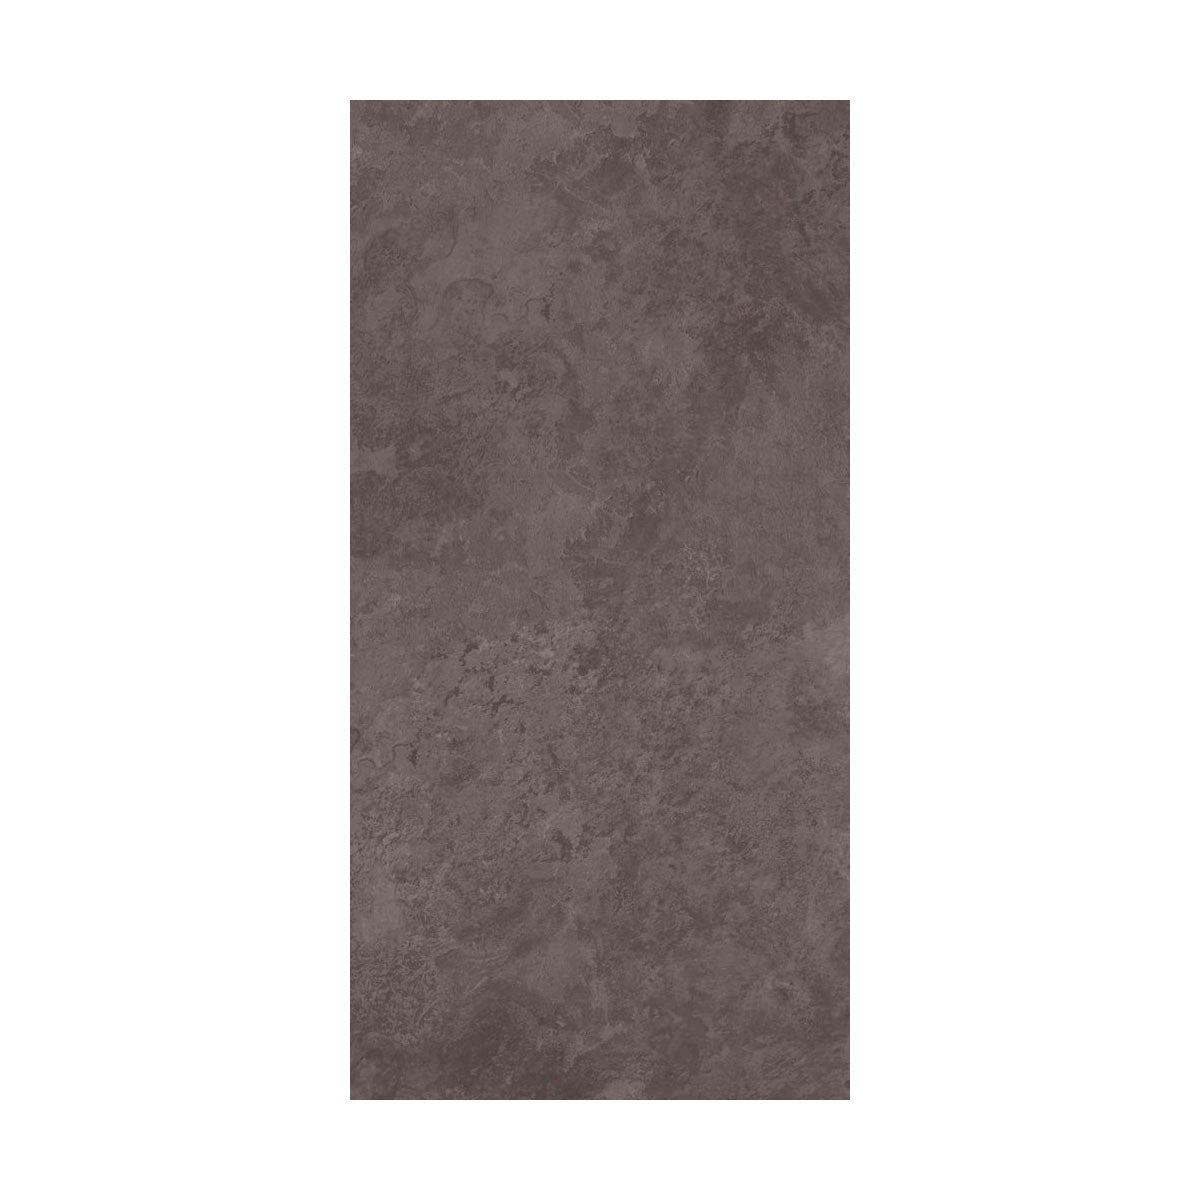 British Ceramic Tile slate dark riven grey matt tile 248mm x 498mm